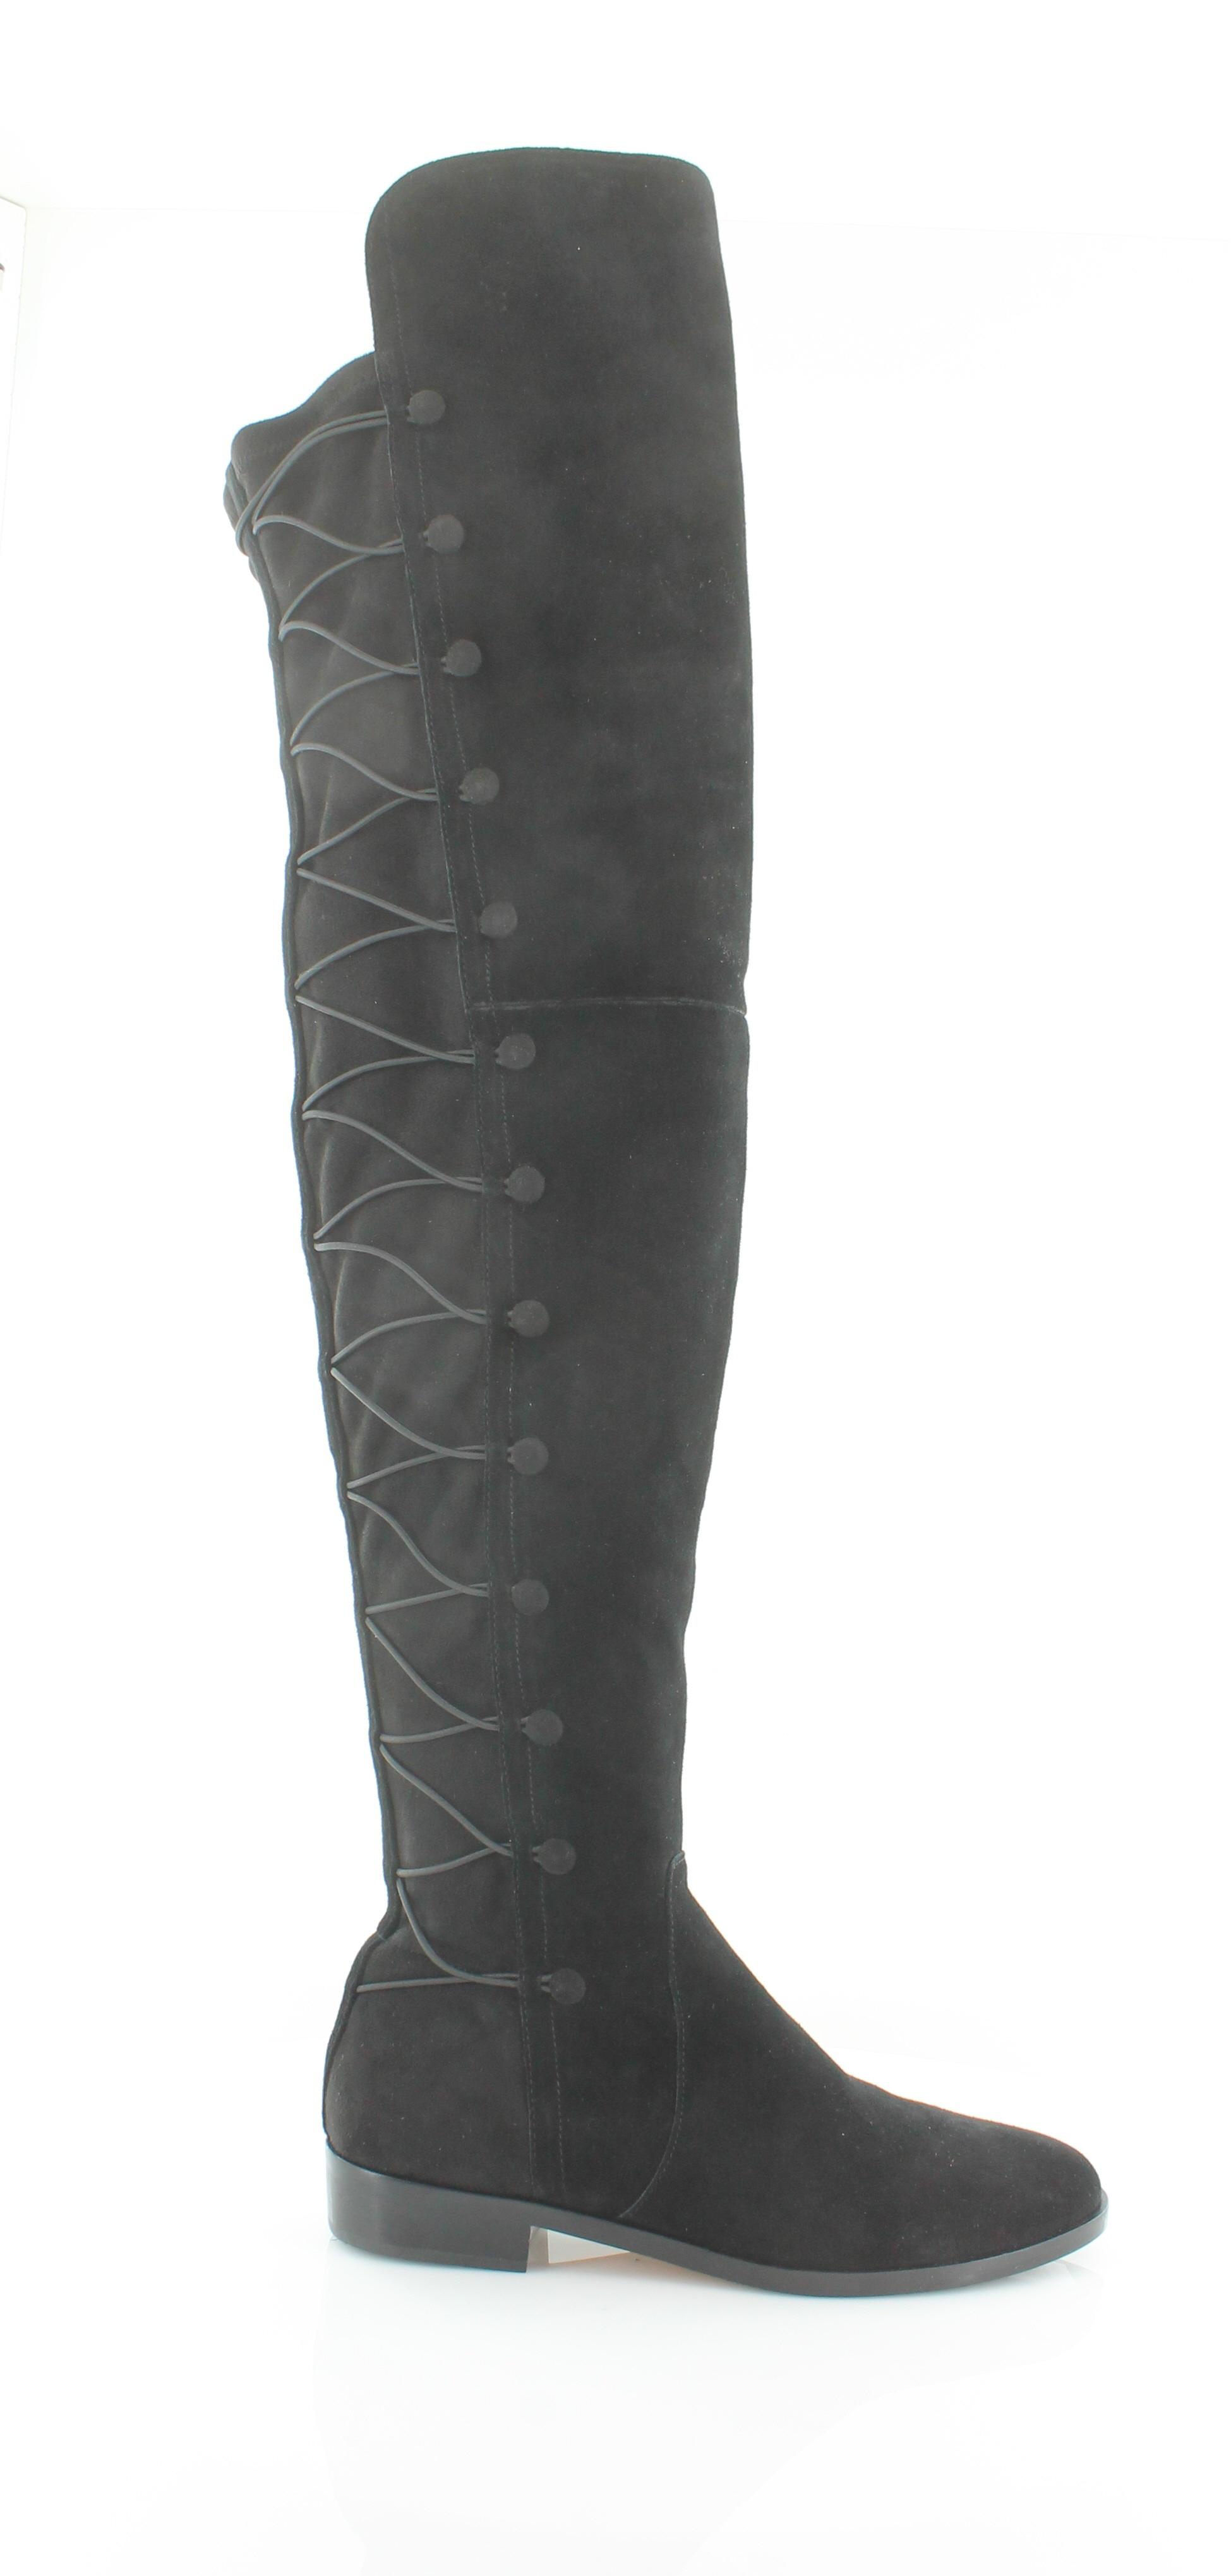 Vince Camuto Coatia Negro Negro Negro Zapatos para mujer Talla 6.5 M botas precio minorista sugerido por el fabricante  198  la red entera más baja